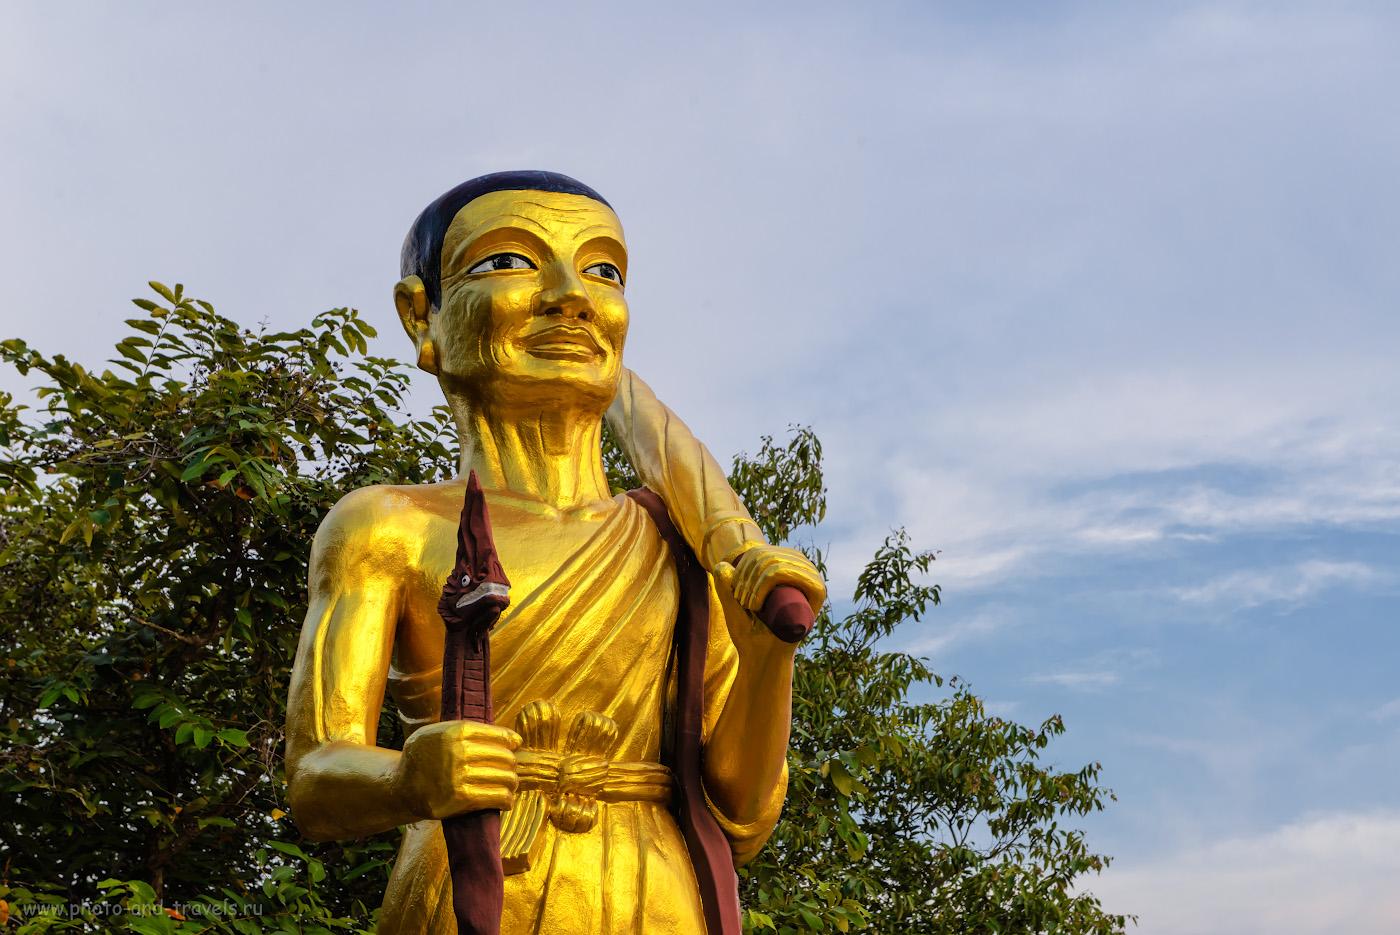 Снимок 26. Скульптура в храме Ват Пхра Яй (Wat Phra Yai) на холме Пратамнак. Отзыв о самостоятельной экскурсии в Паттайе. 1/160, -0.67, 10.0, 360, 70.